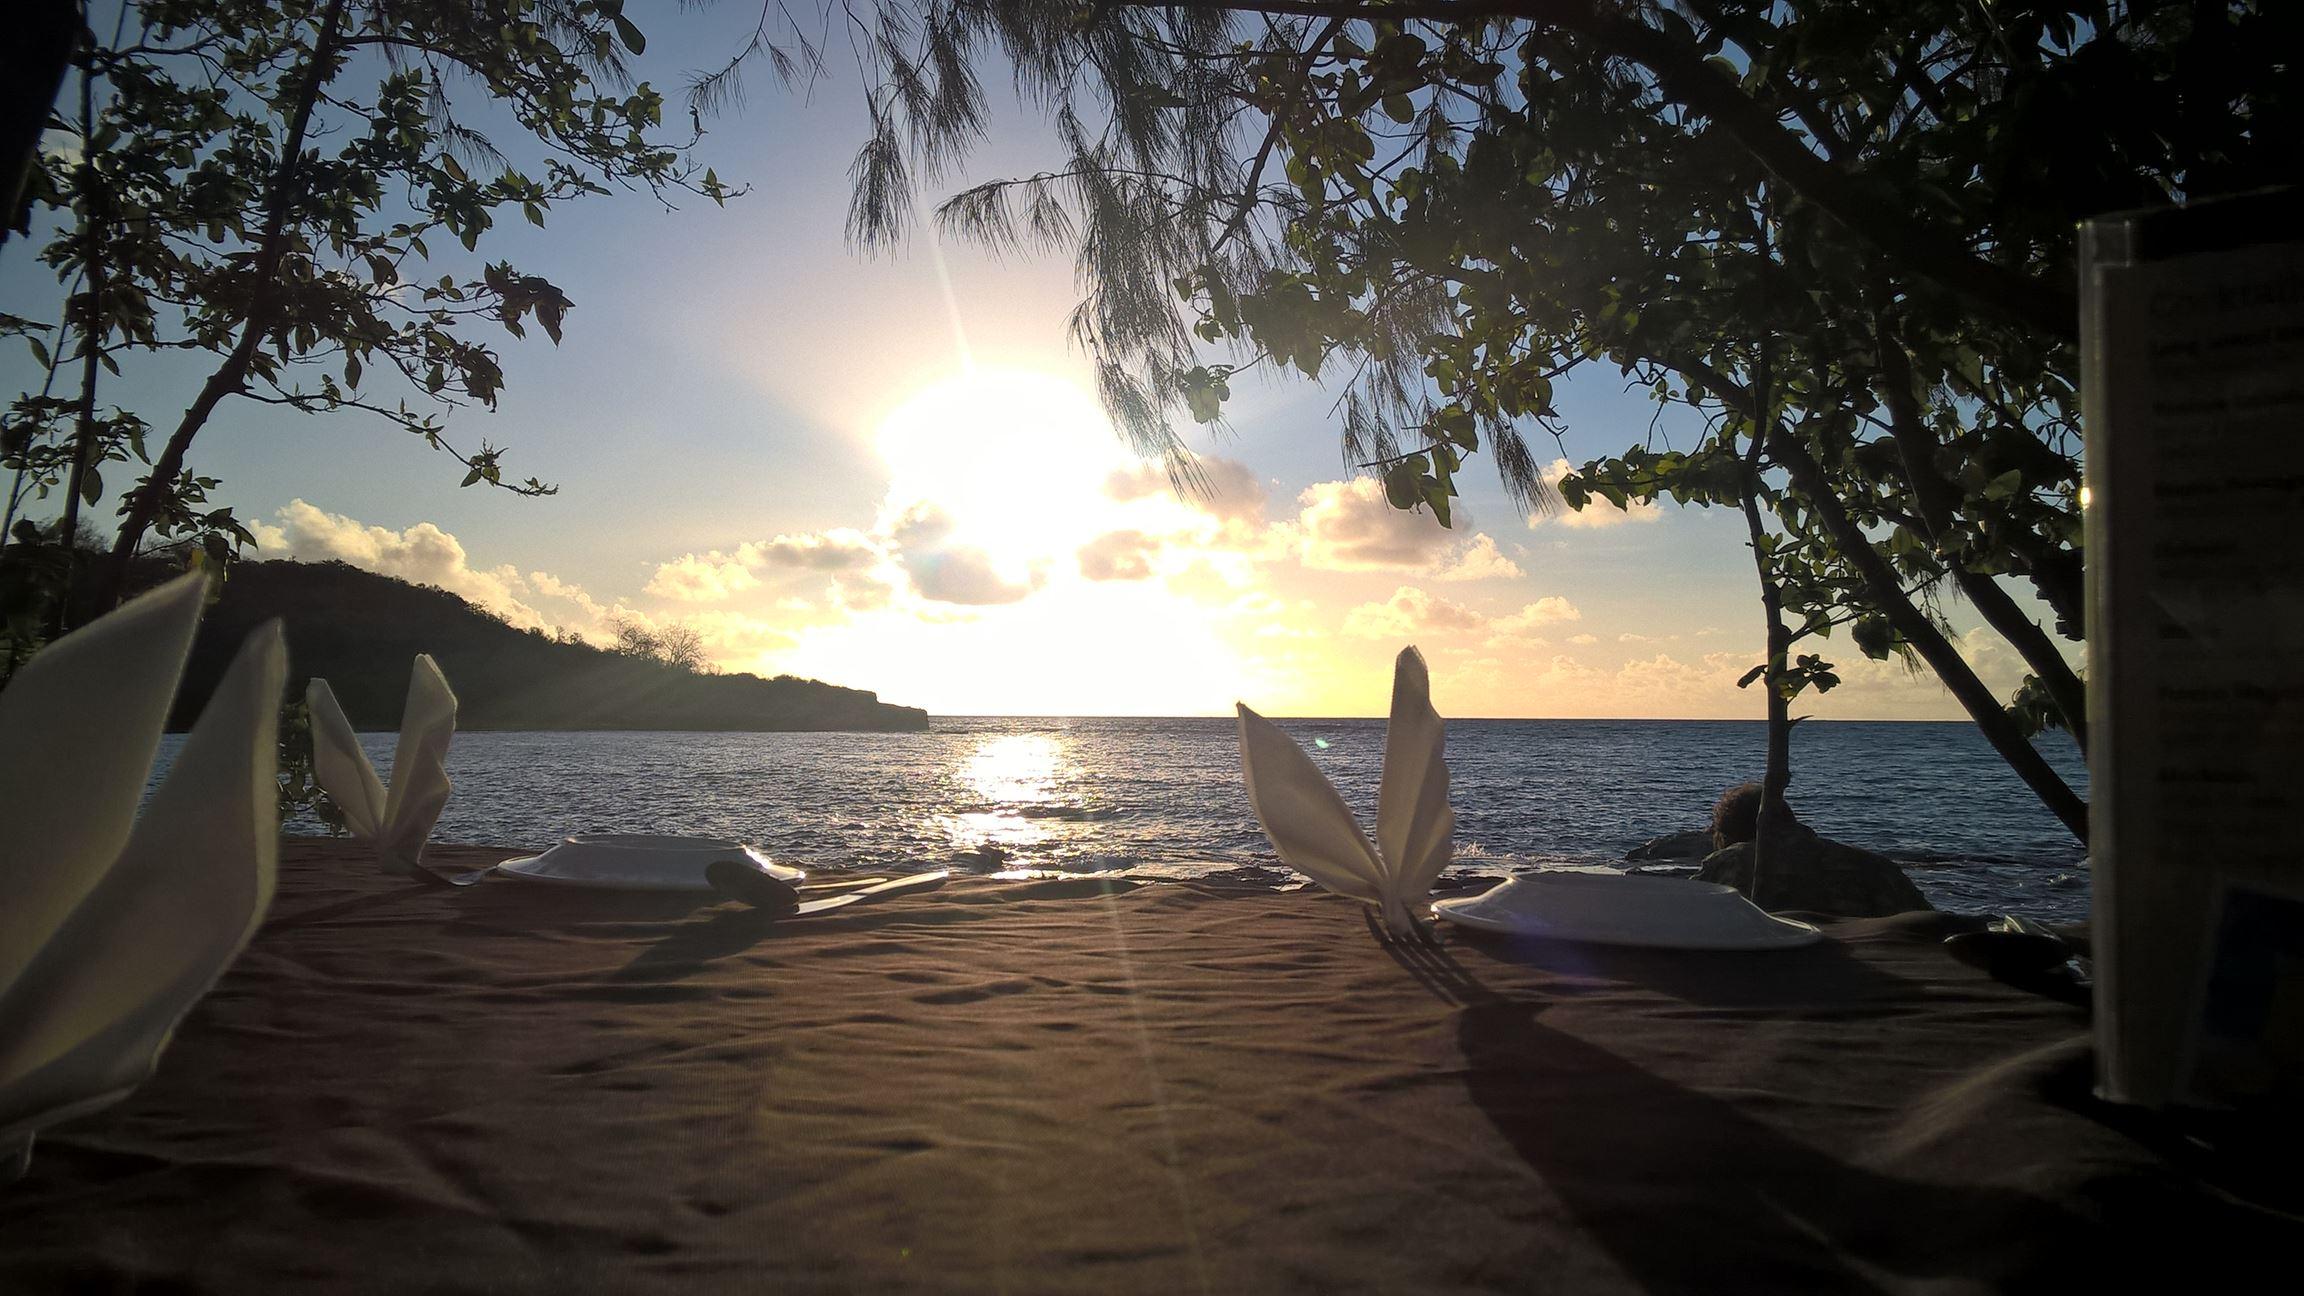 Der Sonnenuntergang von meinem Tisch